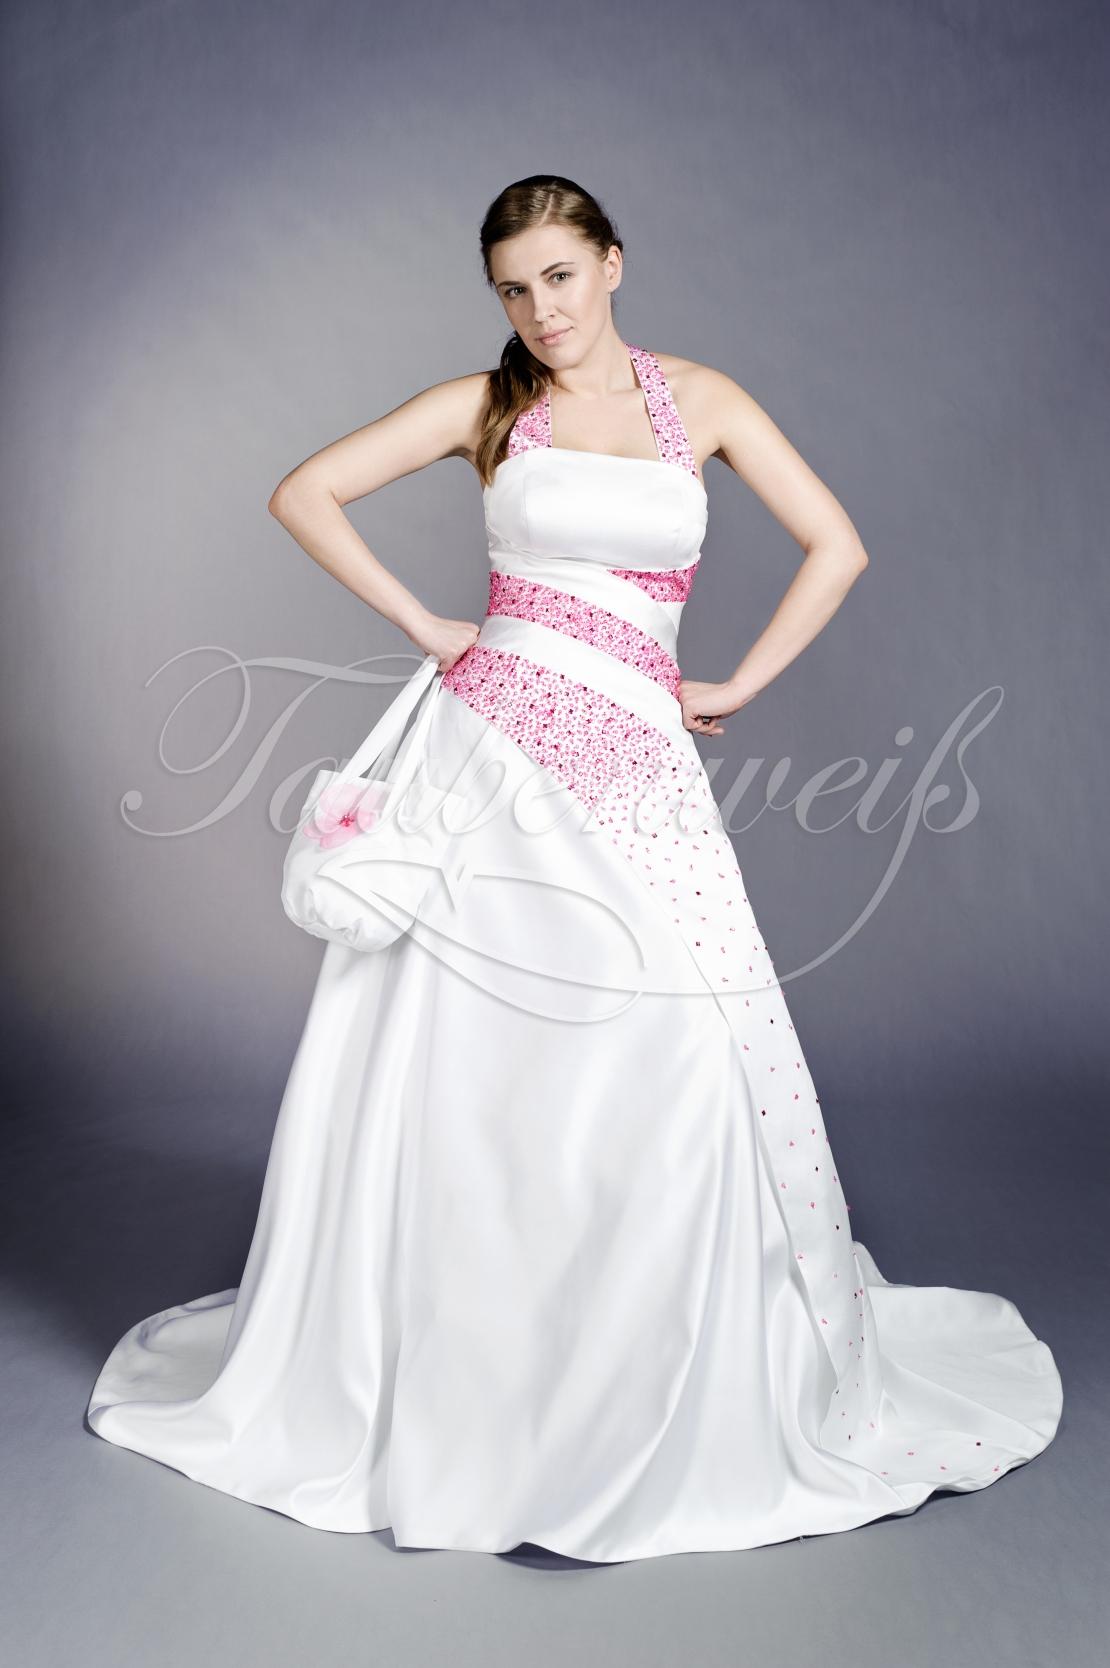 e79739c32c0f Brautkleid TW0105B - Brautkleid TW0105B A-Linie Satin pink Perlen  Pailletten Neckholder Schnürung